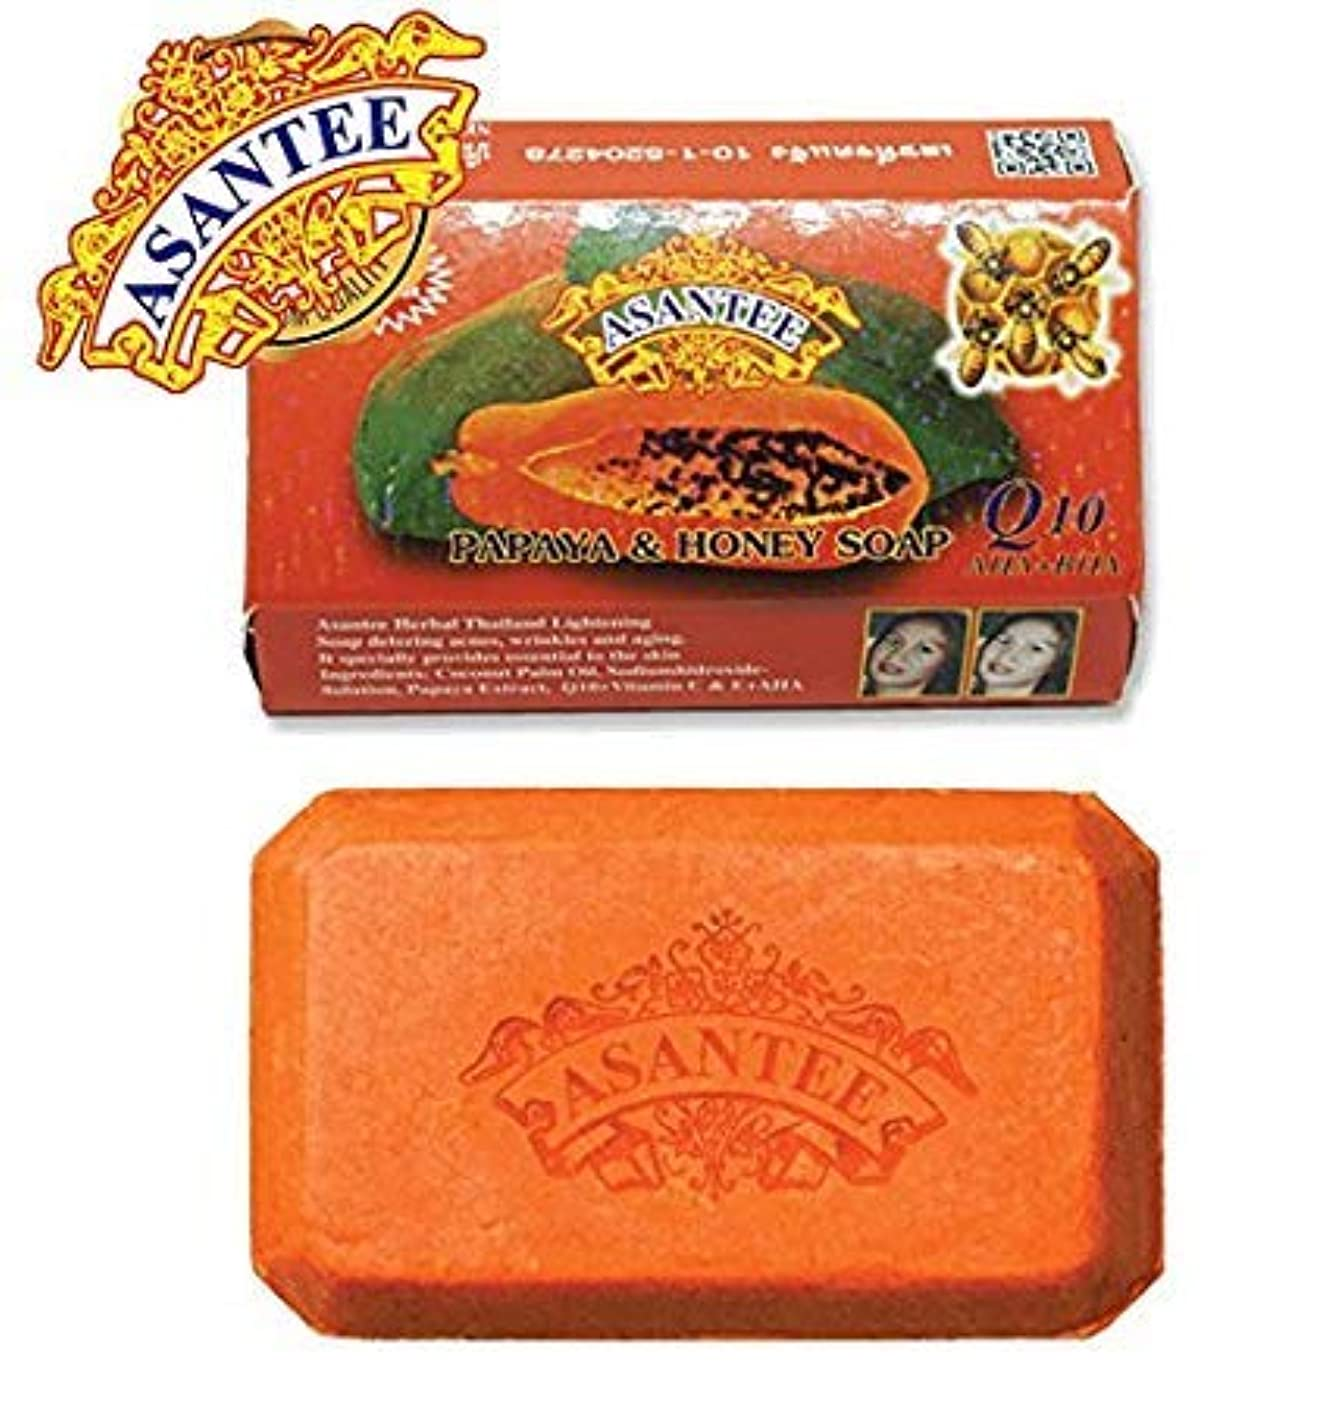 何か工業用裁判所Asantee Thai Papaya Herbal Skin Whitening Soap 135g (1 pcs)